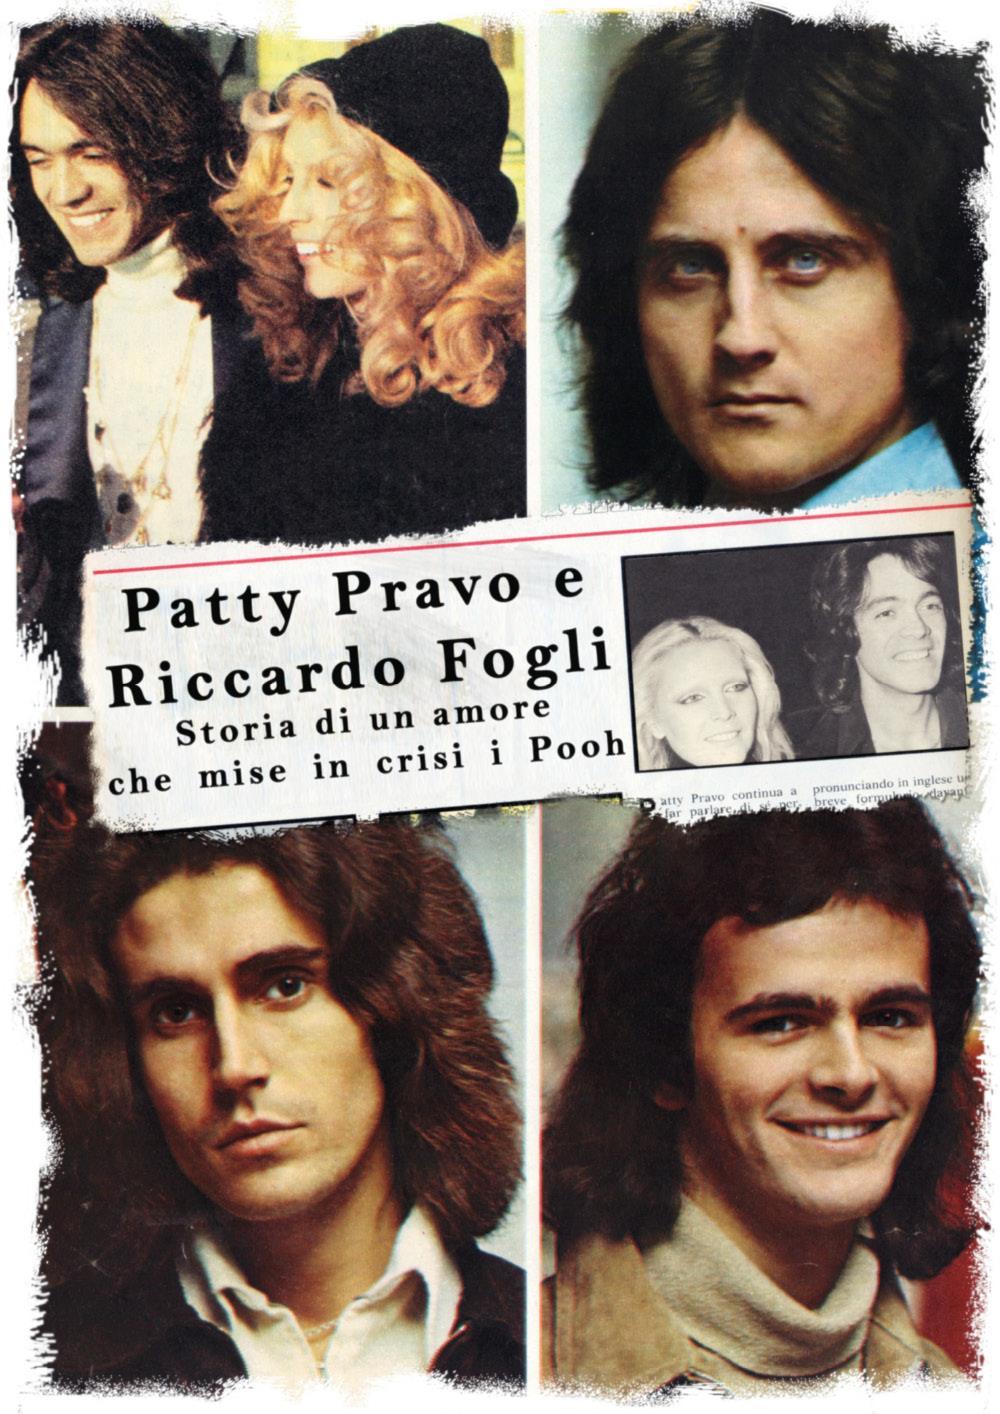 Patty Pravo e Riccardo Fogli - Storia di un amore che mise in crisi i Pooh